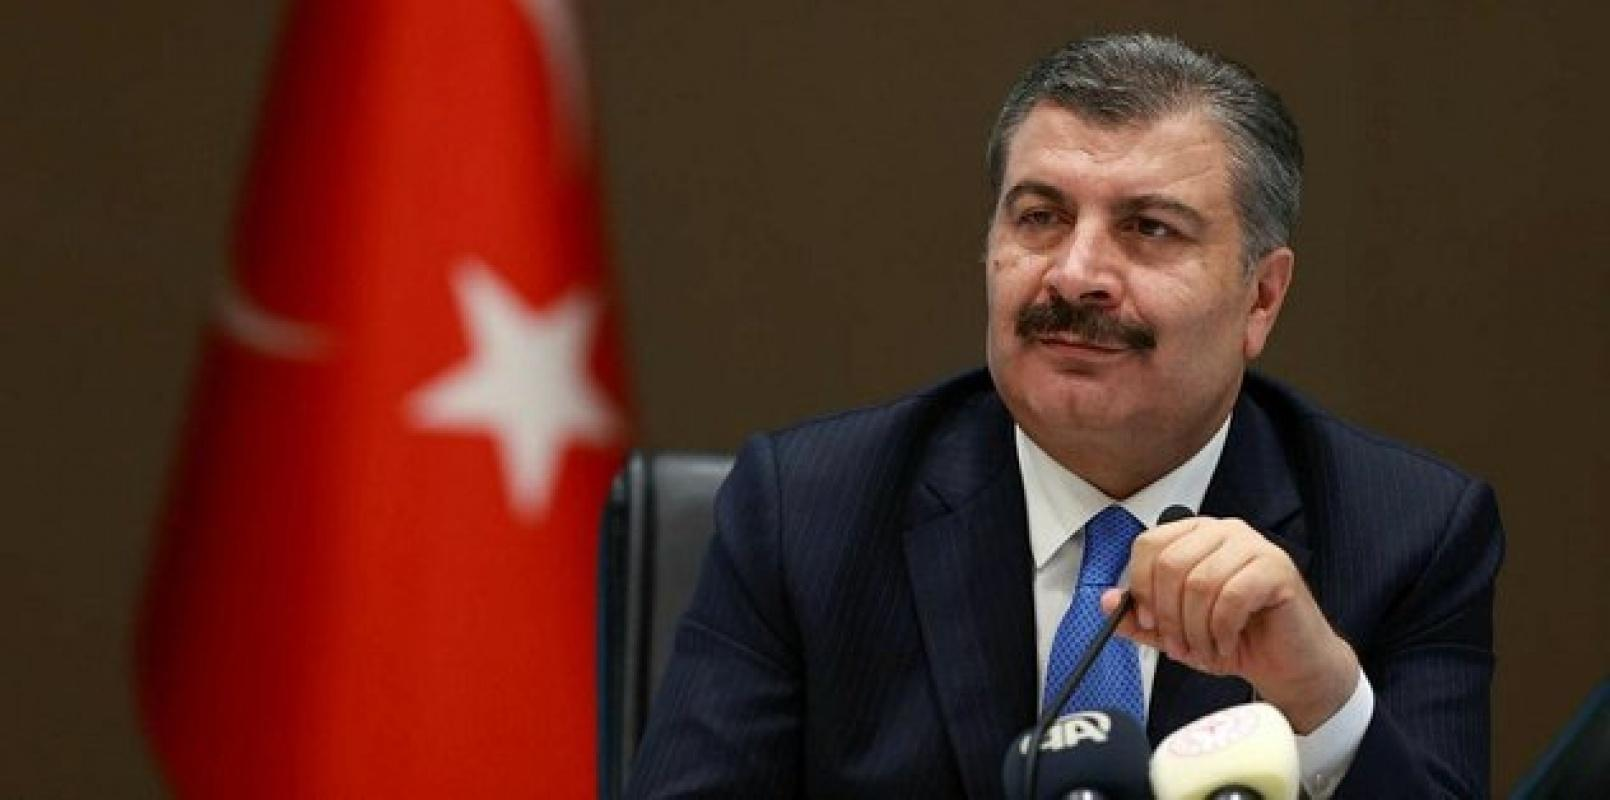 Sağlık Bakanı yoğun bakım doluluk oranını açıkladı